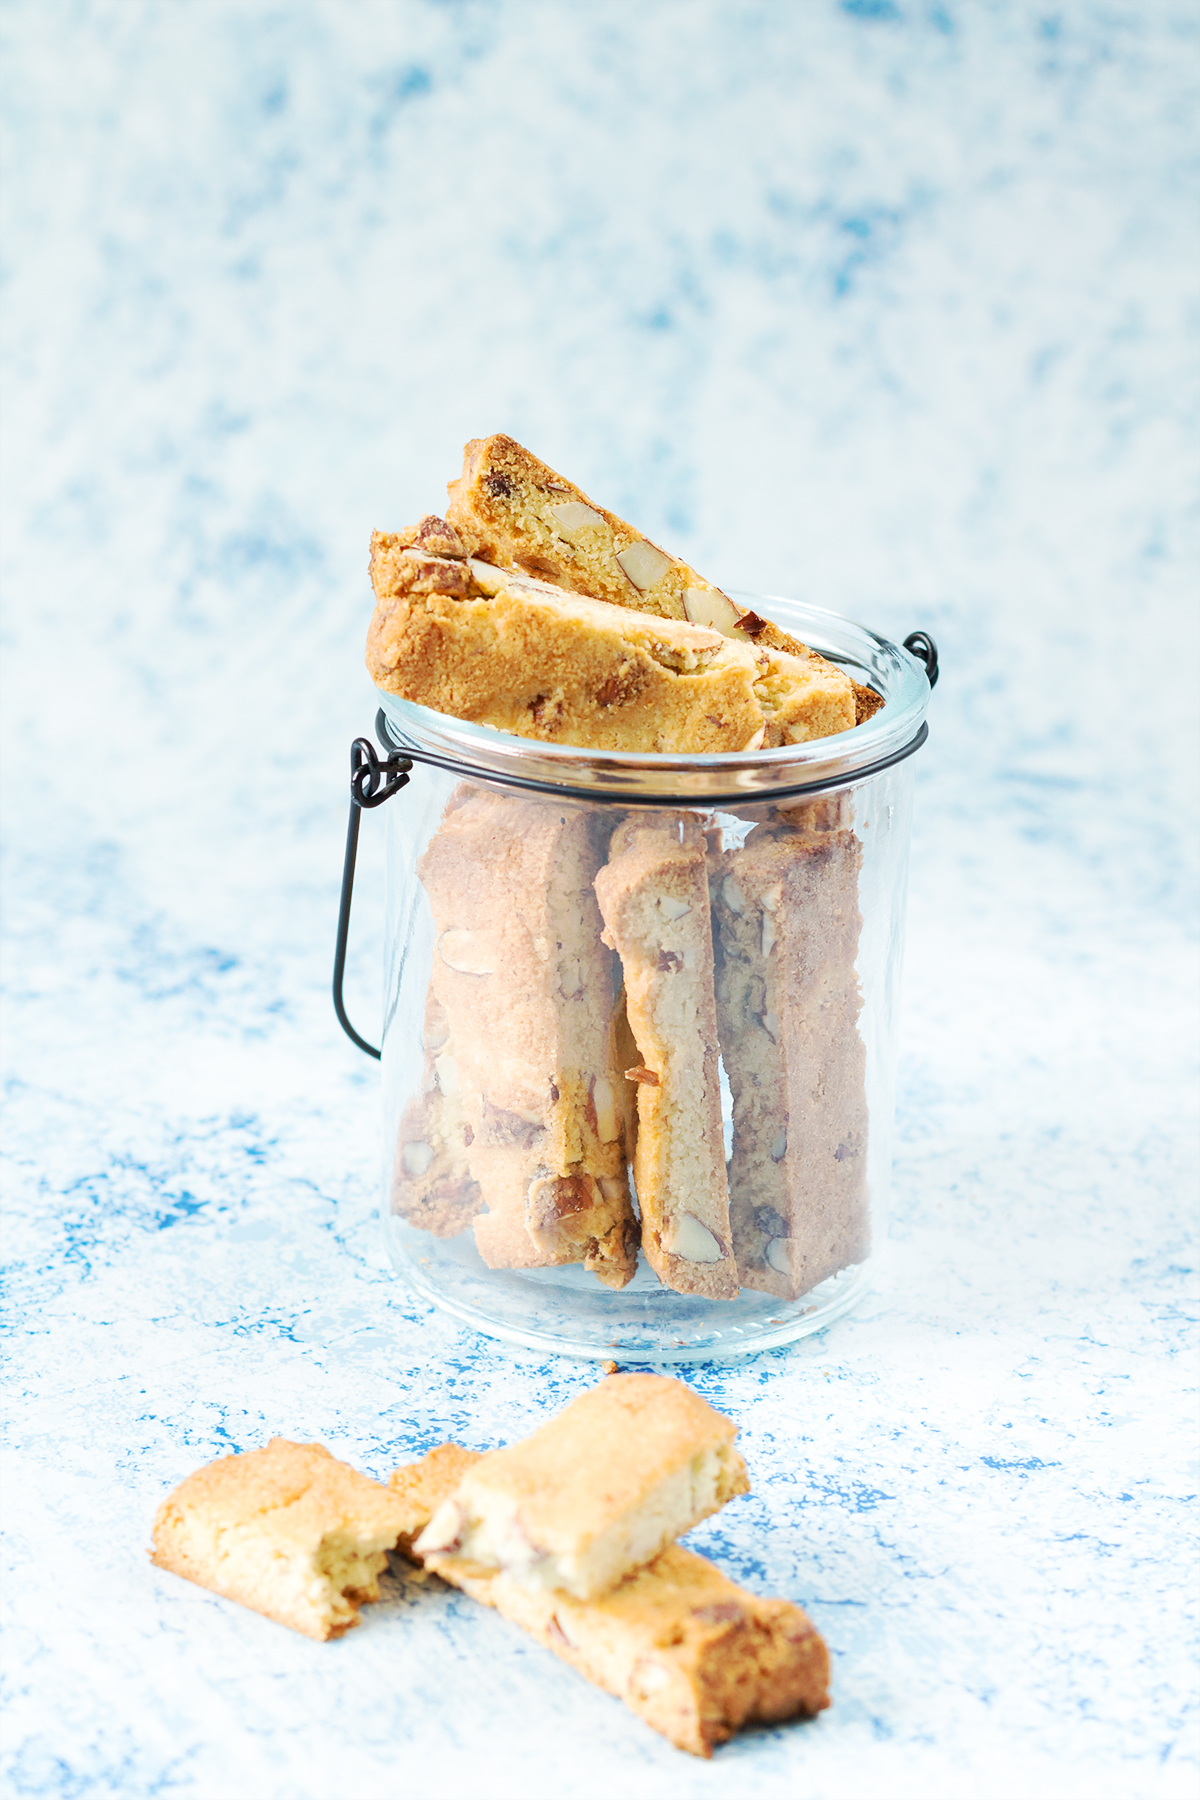 keto biscotti konsultacje dietetyczne online  odchudzanie lchf dieta